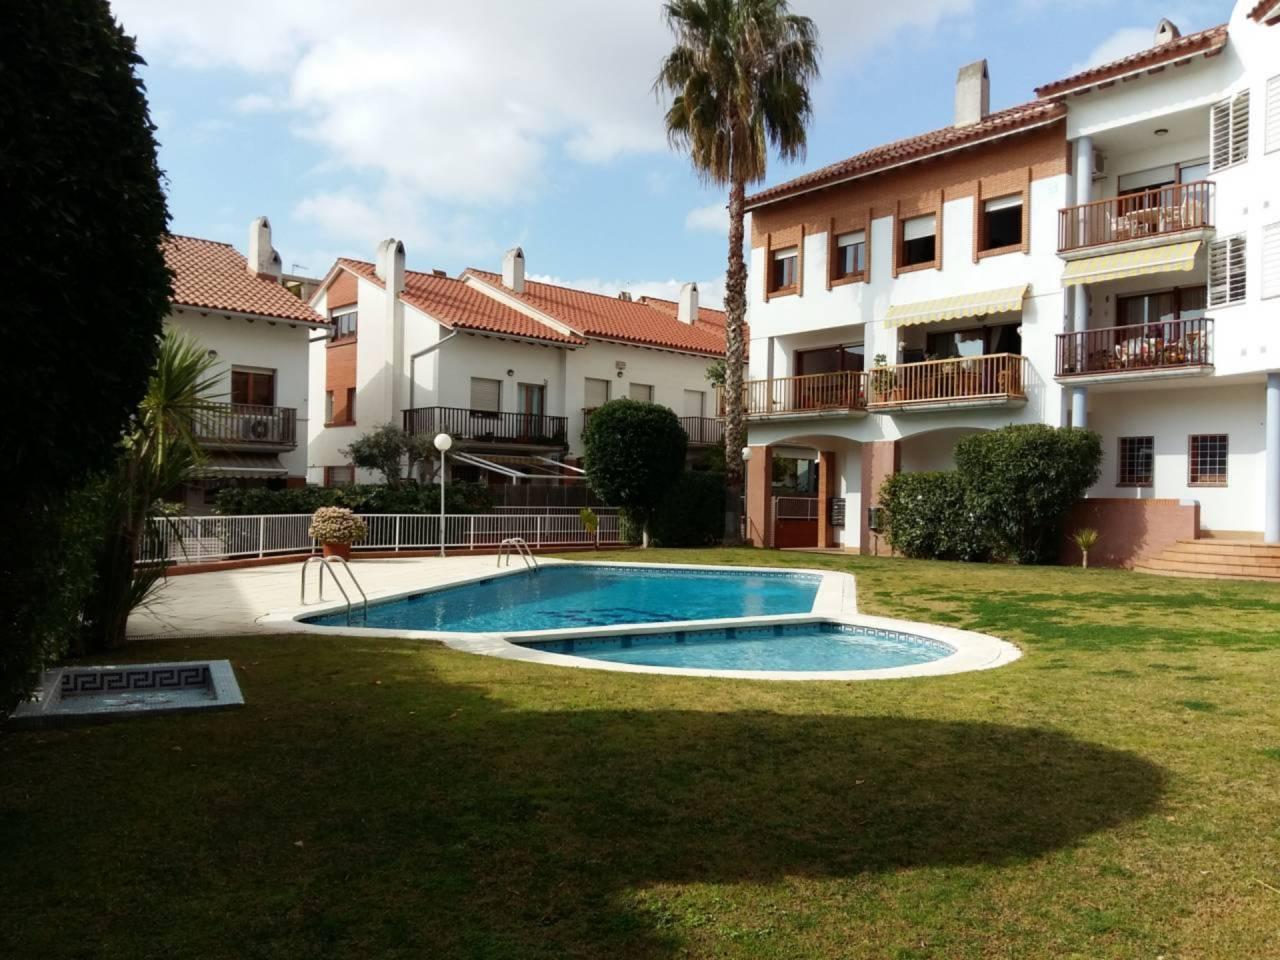 Casa adosada esquinera en el centro de Sant Pere de Ribes